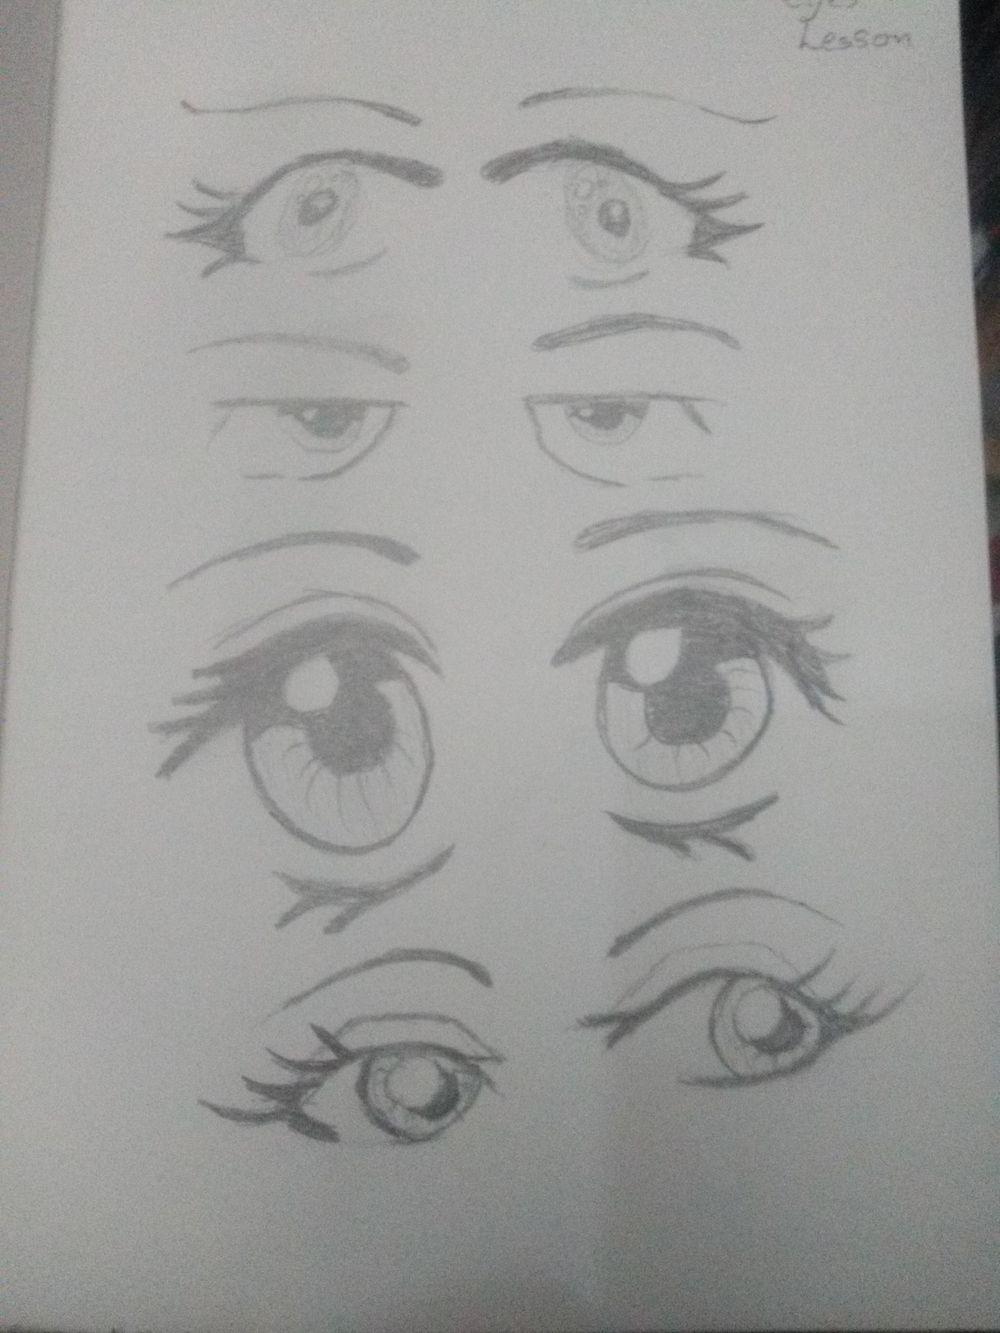 eyes eyes - image 2 - student project